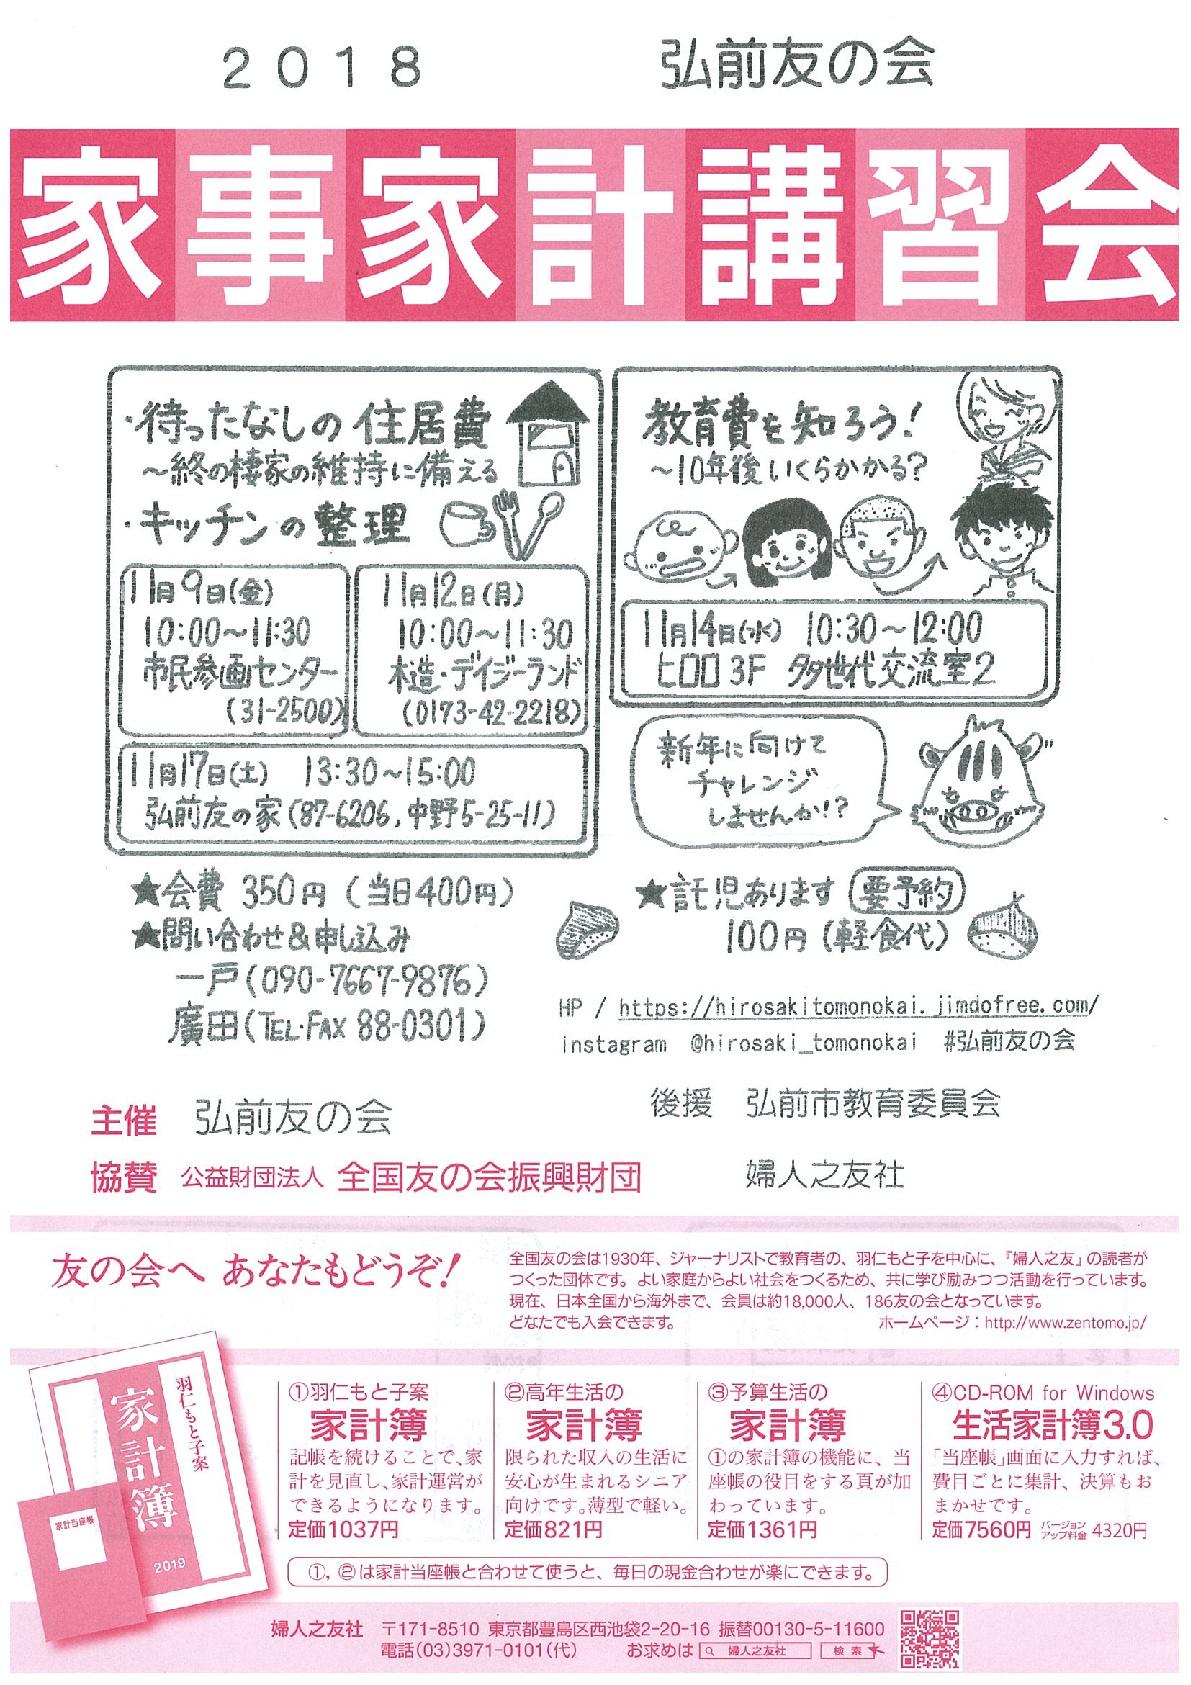 弘前友の会 家事家計講習会.jpg